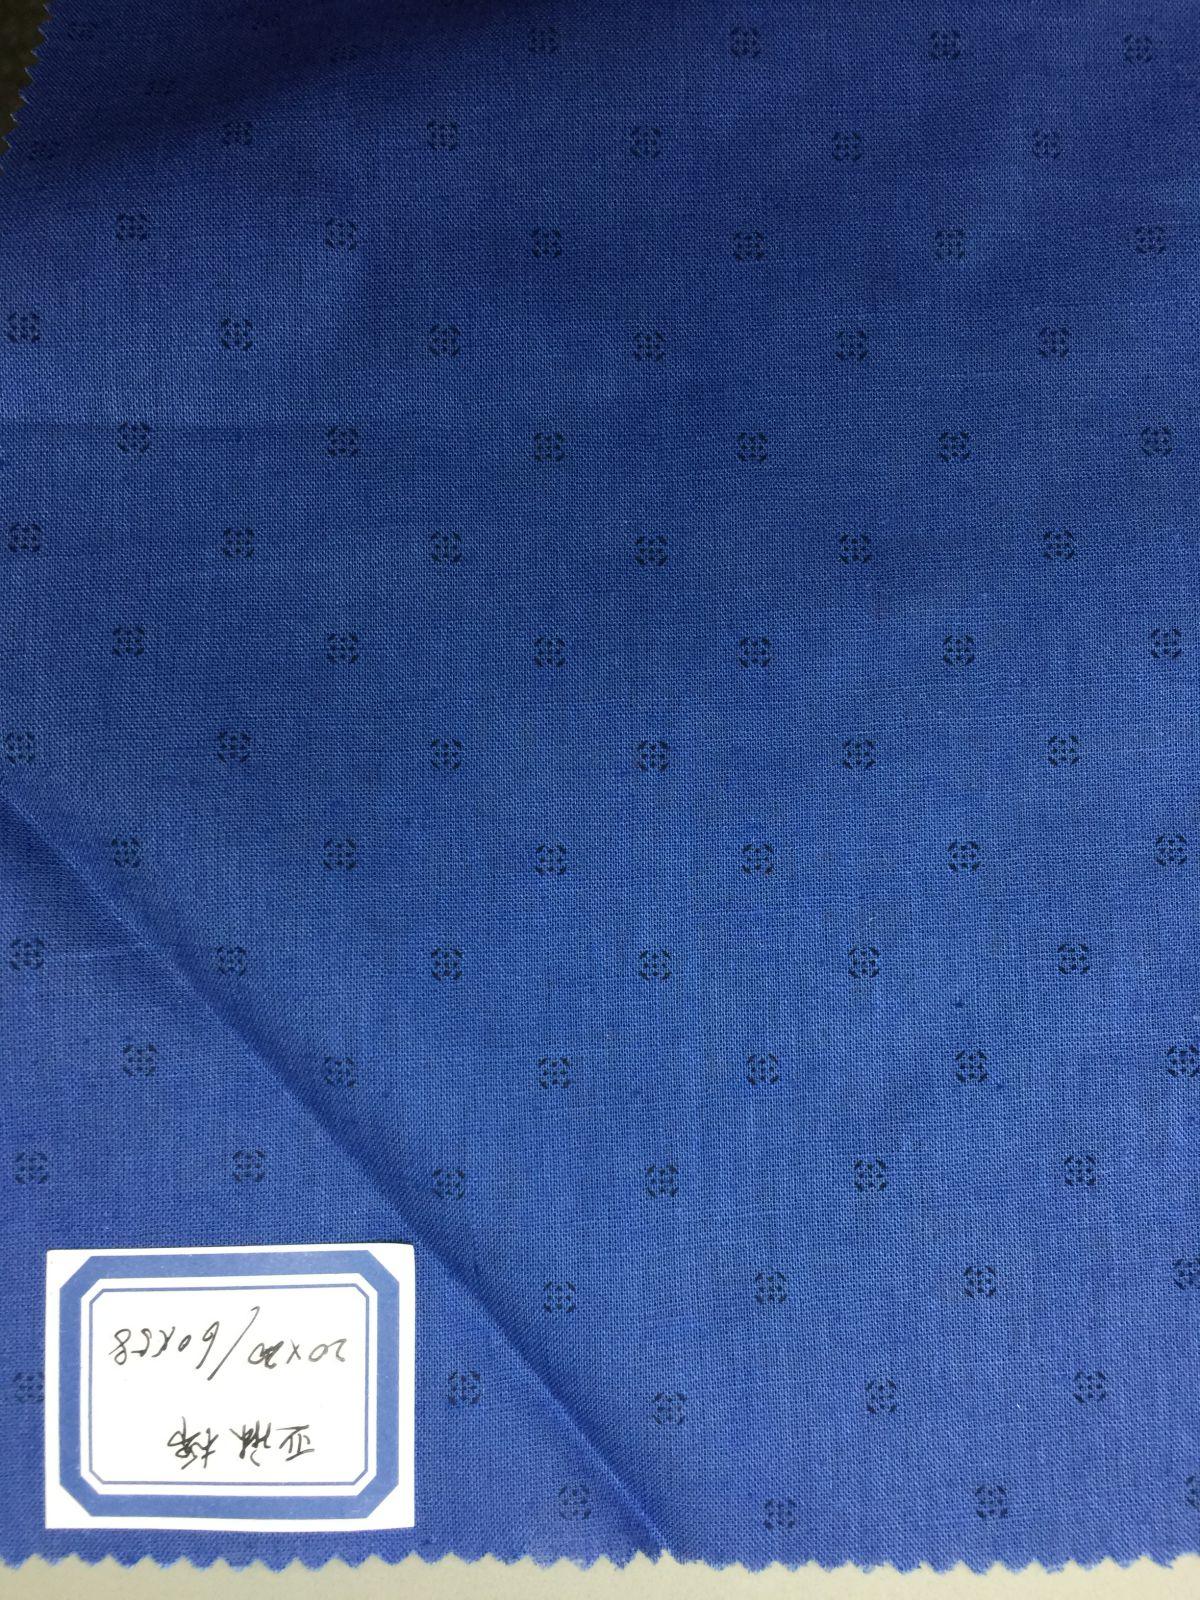 linen55% cotton45%